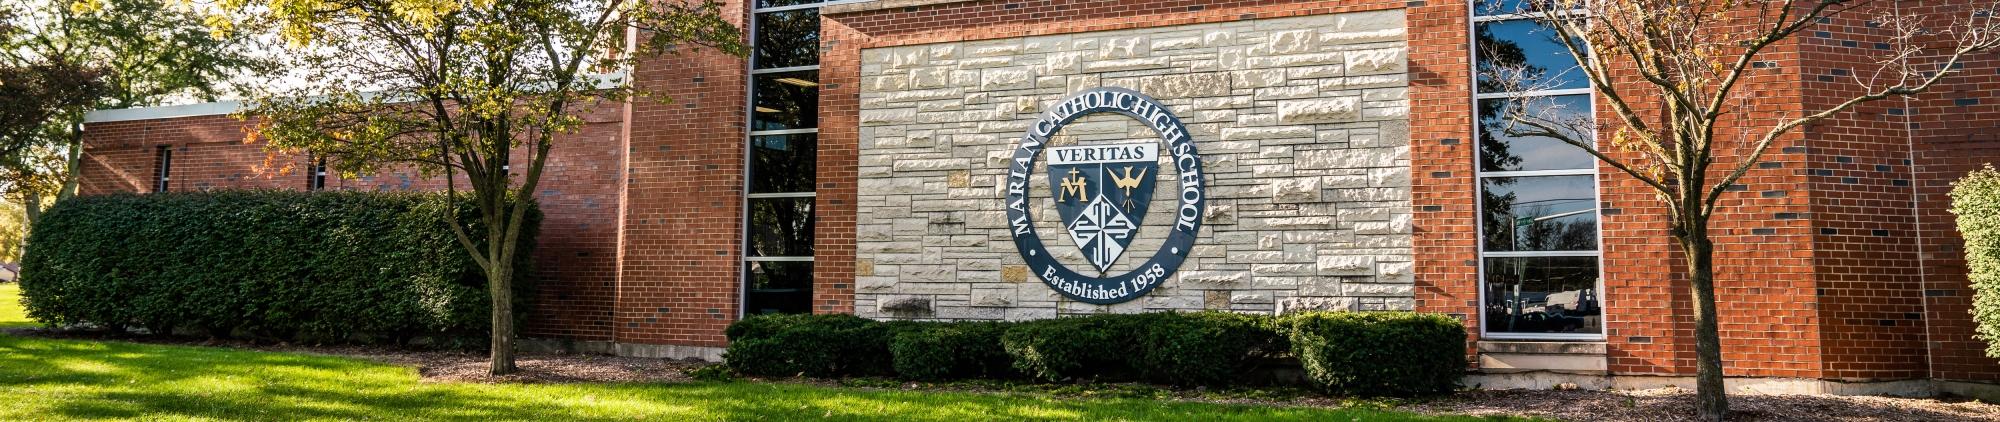 Marian Catholic High School in Chicago - Amerigo Education